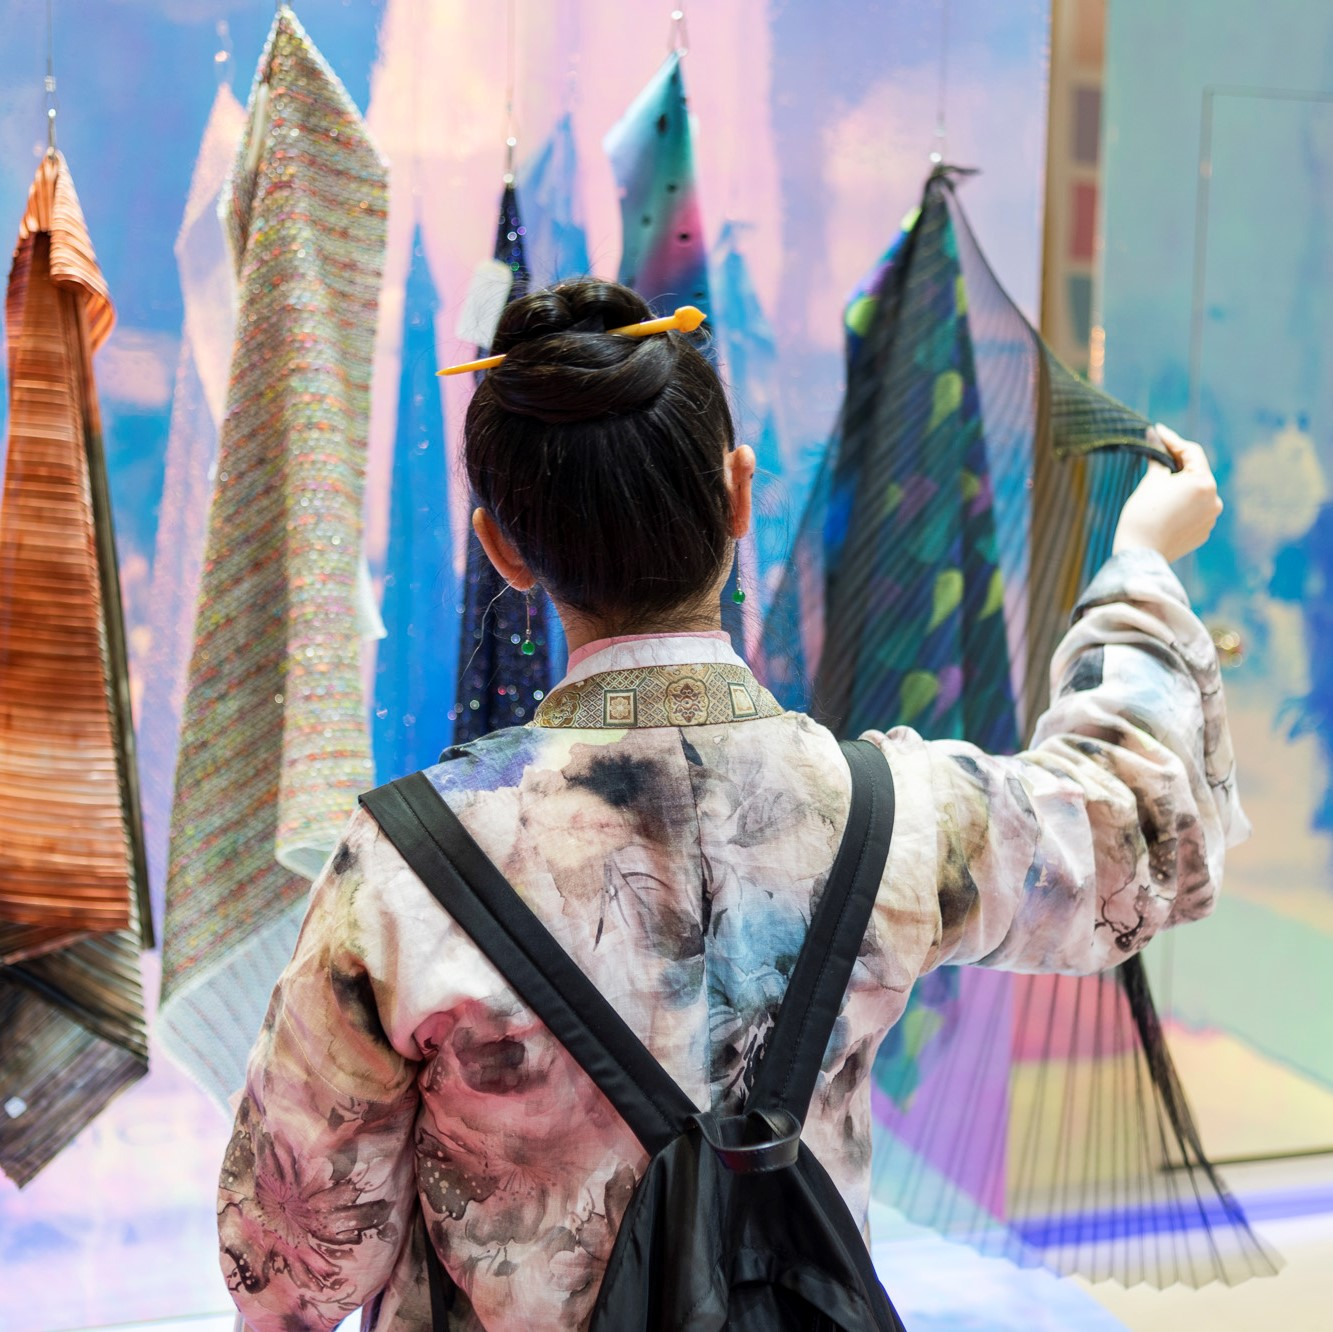 Image Courtesy of Intertextile Shanghai